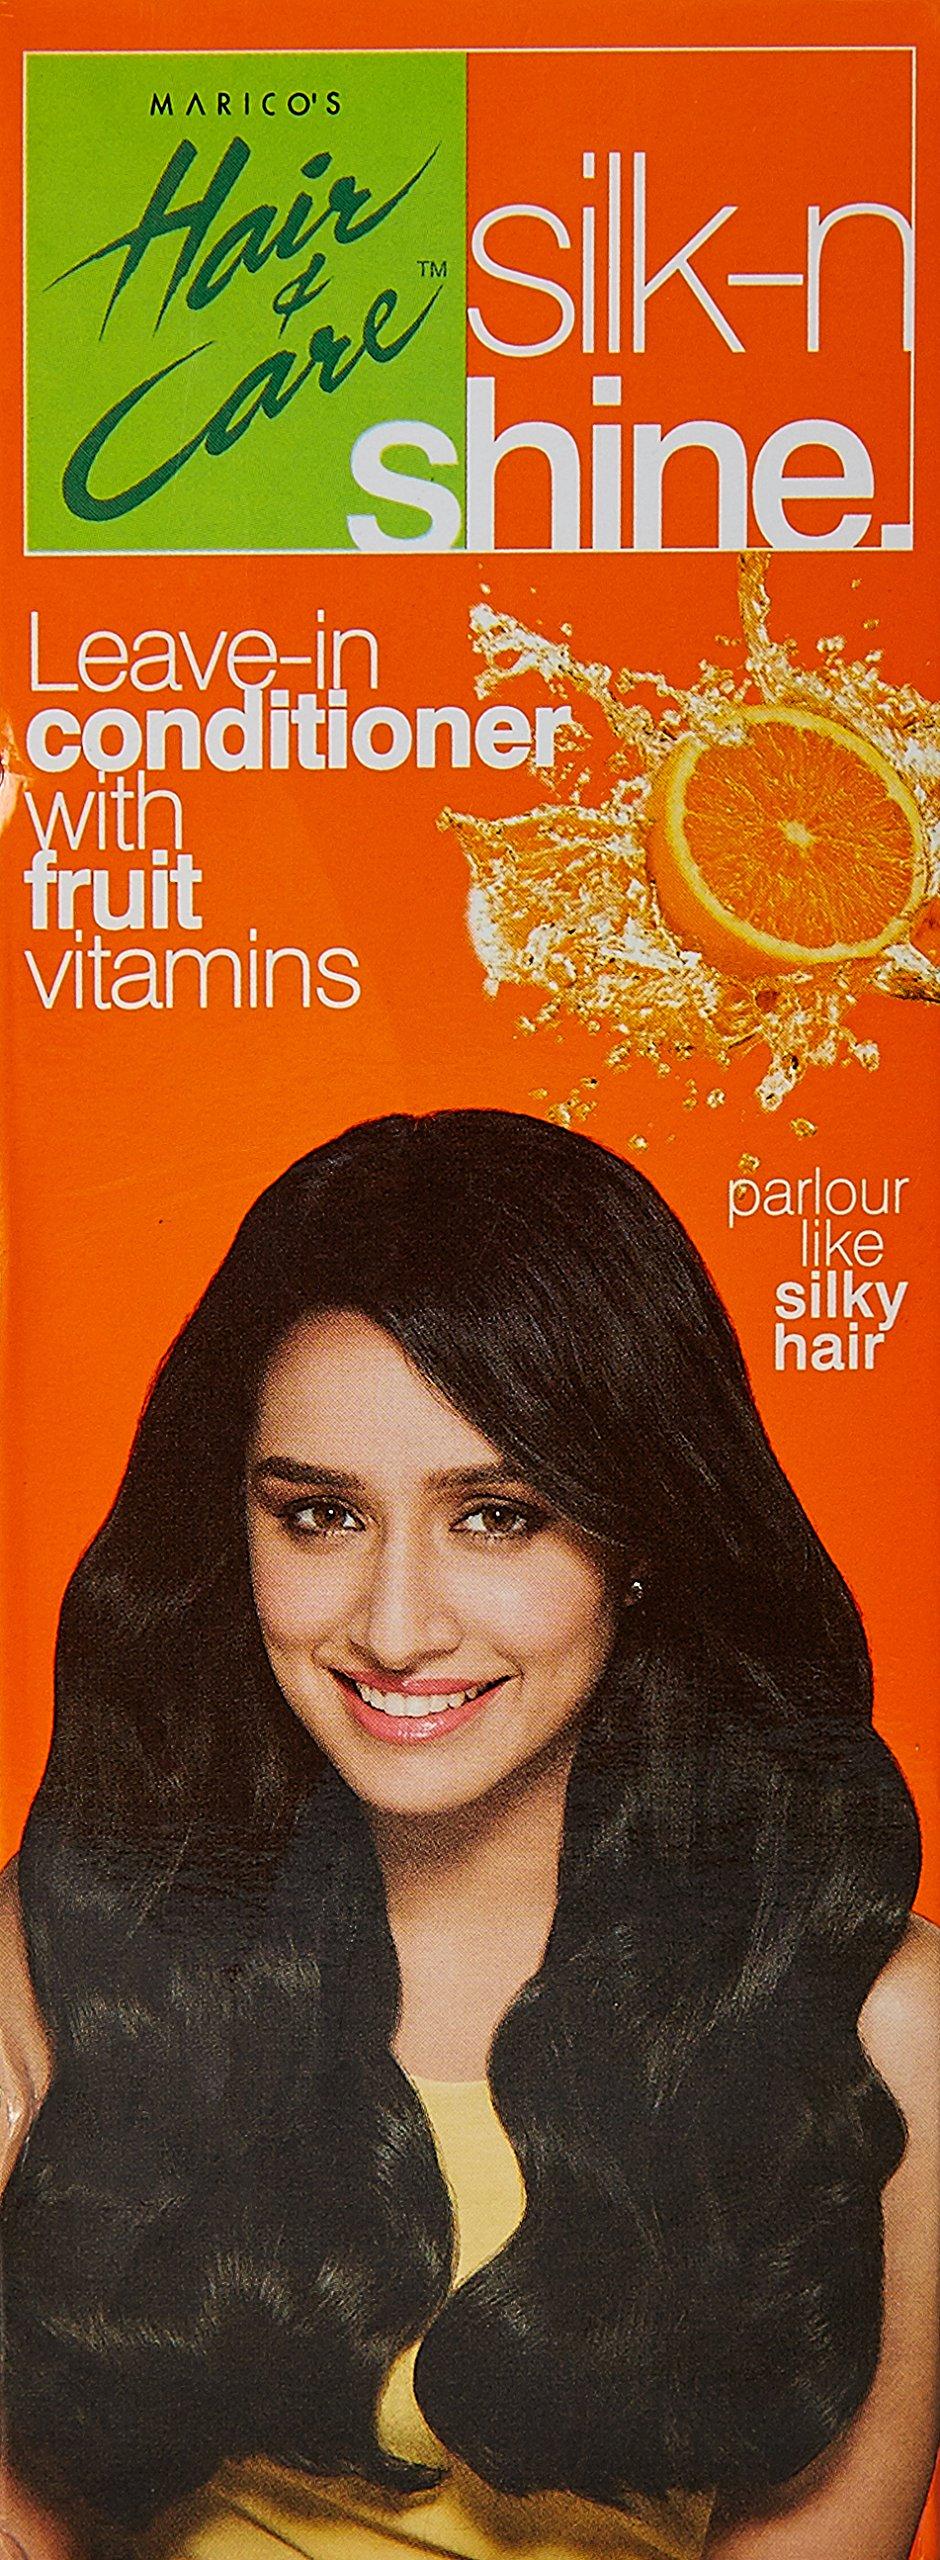 Hair Care Silk N Shine Hair Serum 100ml Buy Online In Colombia At Desertcart Productid 64762421